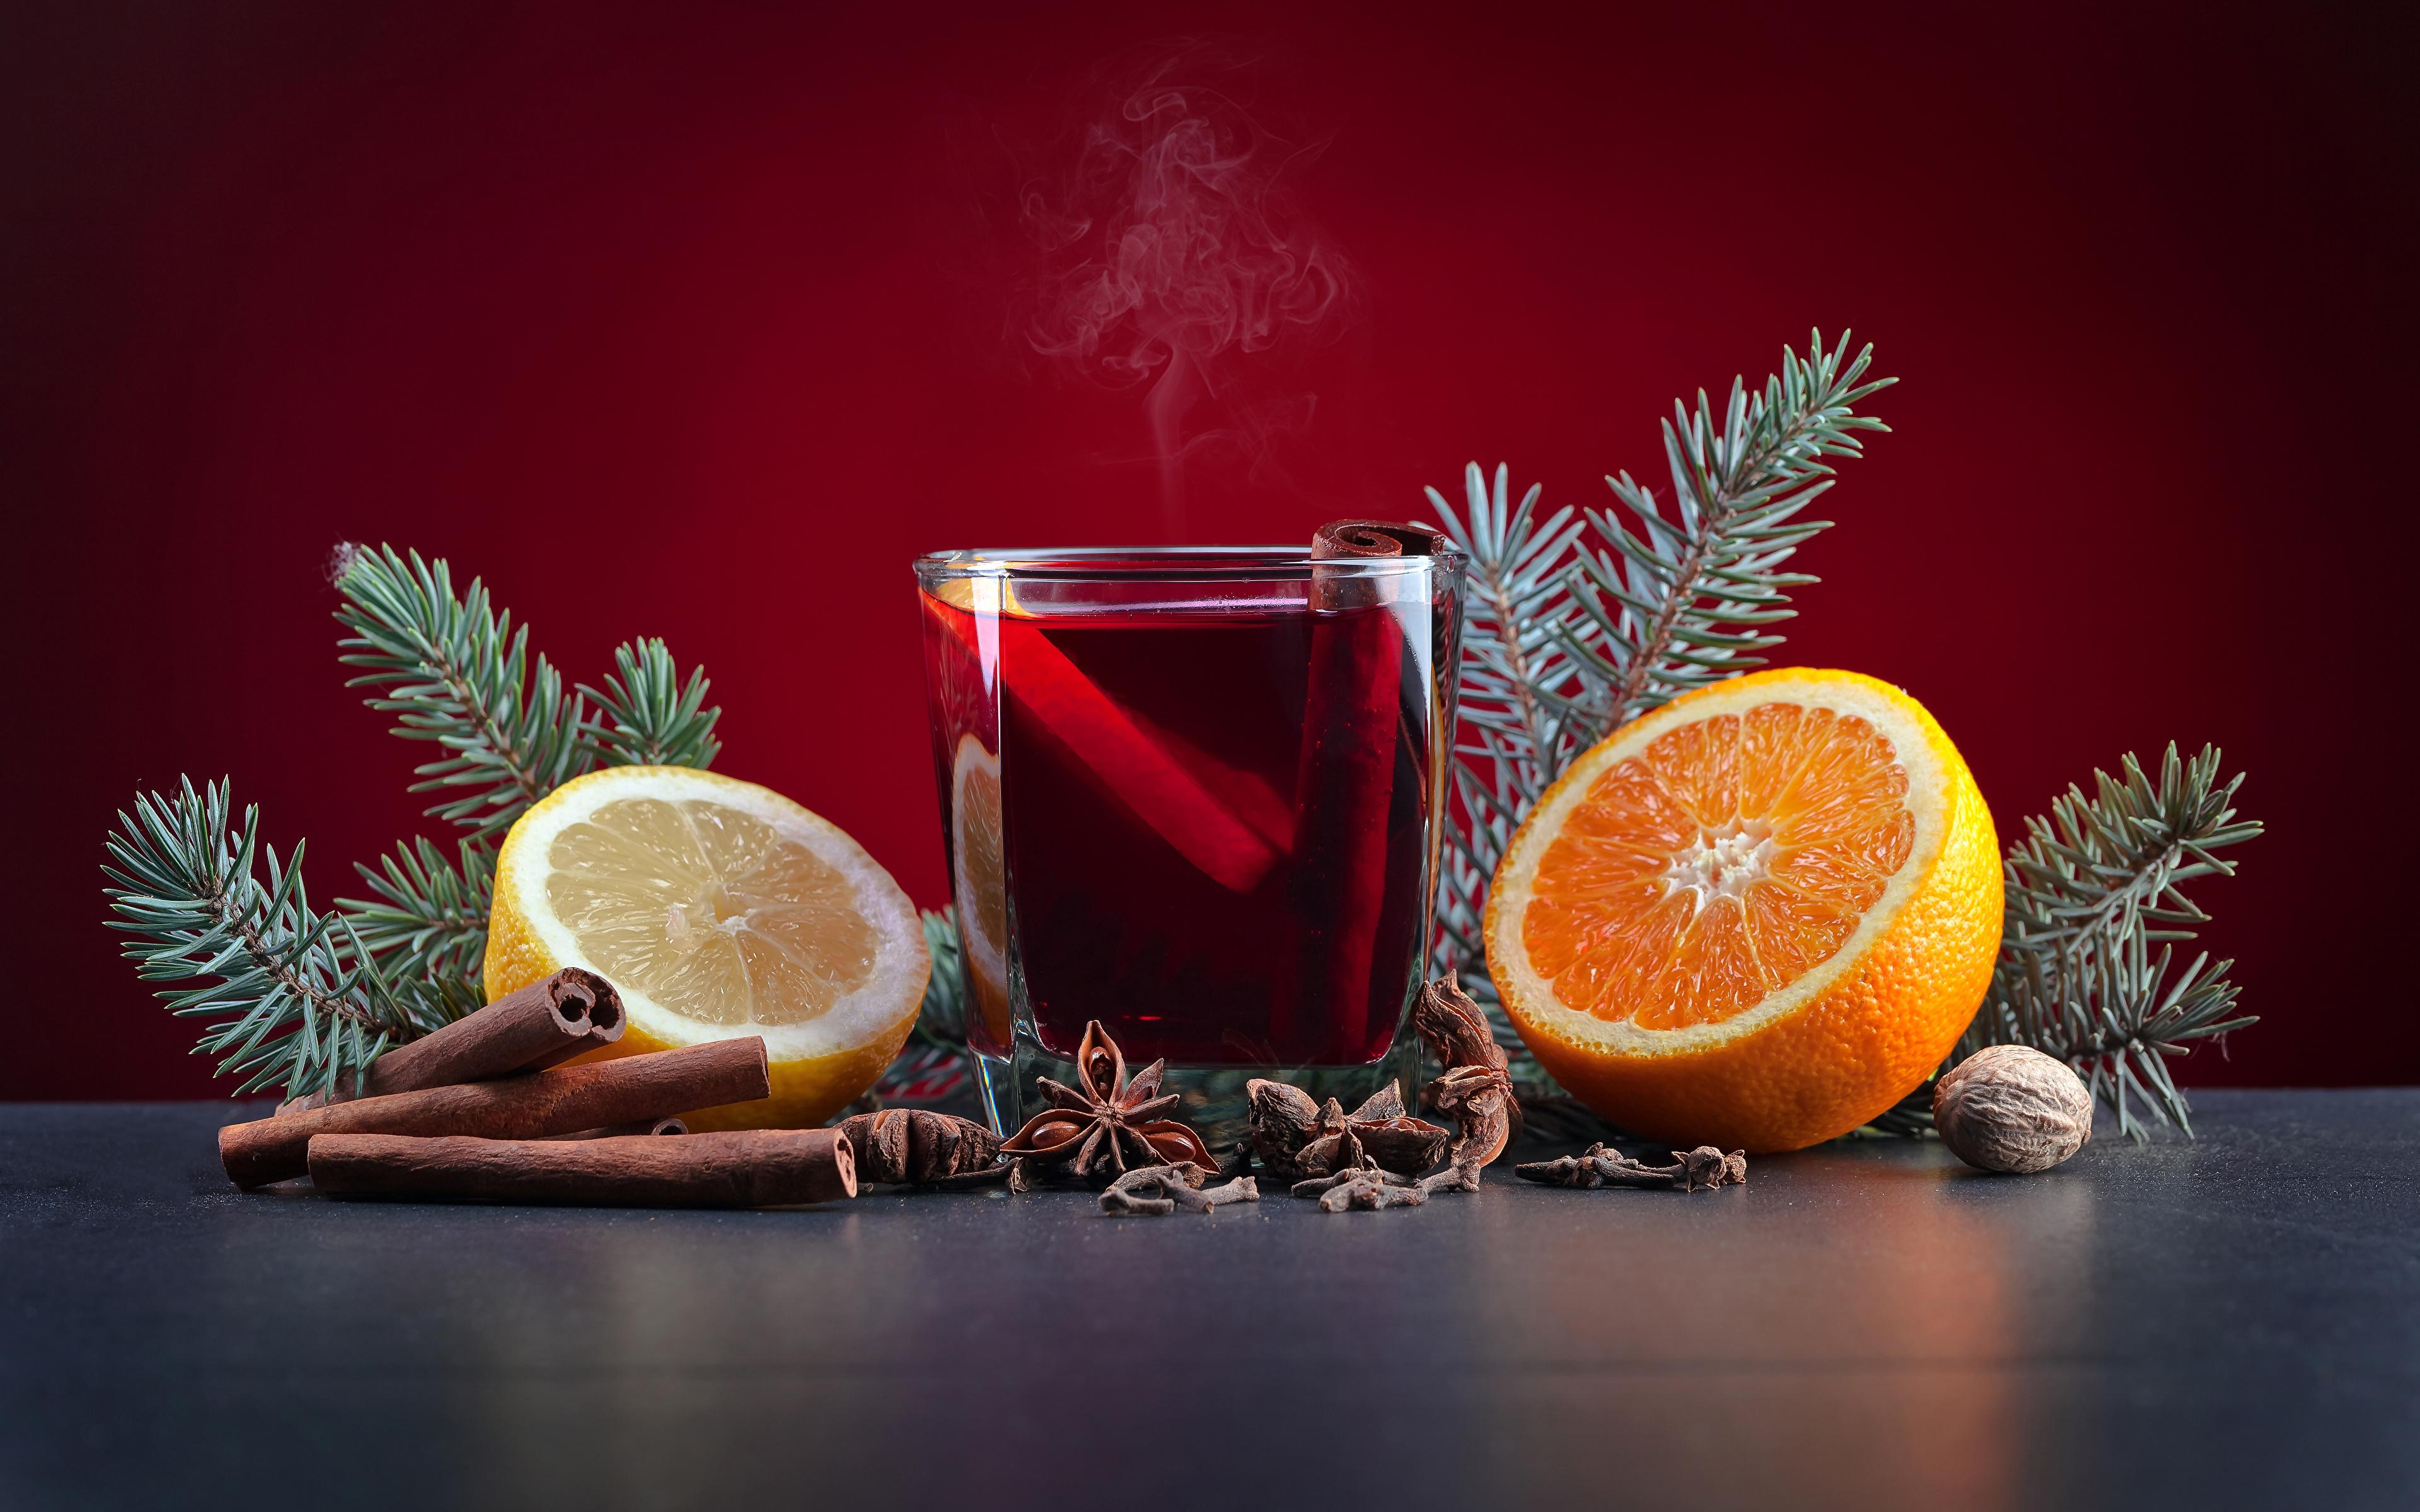 Картинка Новый год Апельсин Бадьян звезда аниса Стакан Лимоны Корица Пища Орехи Напитки 3840x2400 Рождество стакана стакане Еда Продукты питания напиток